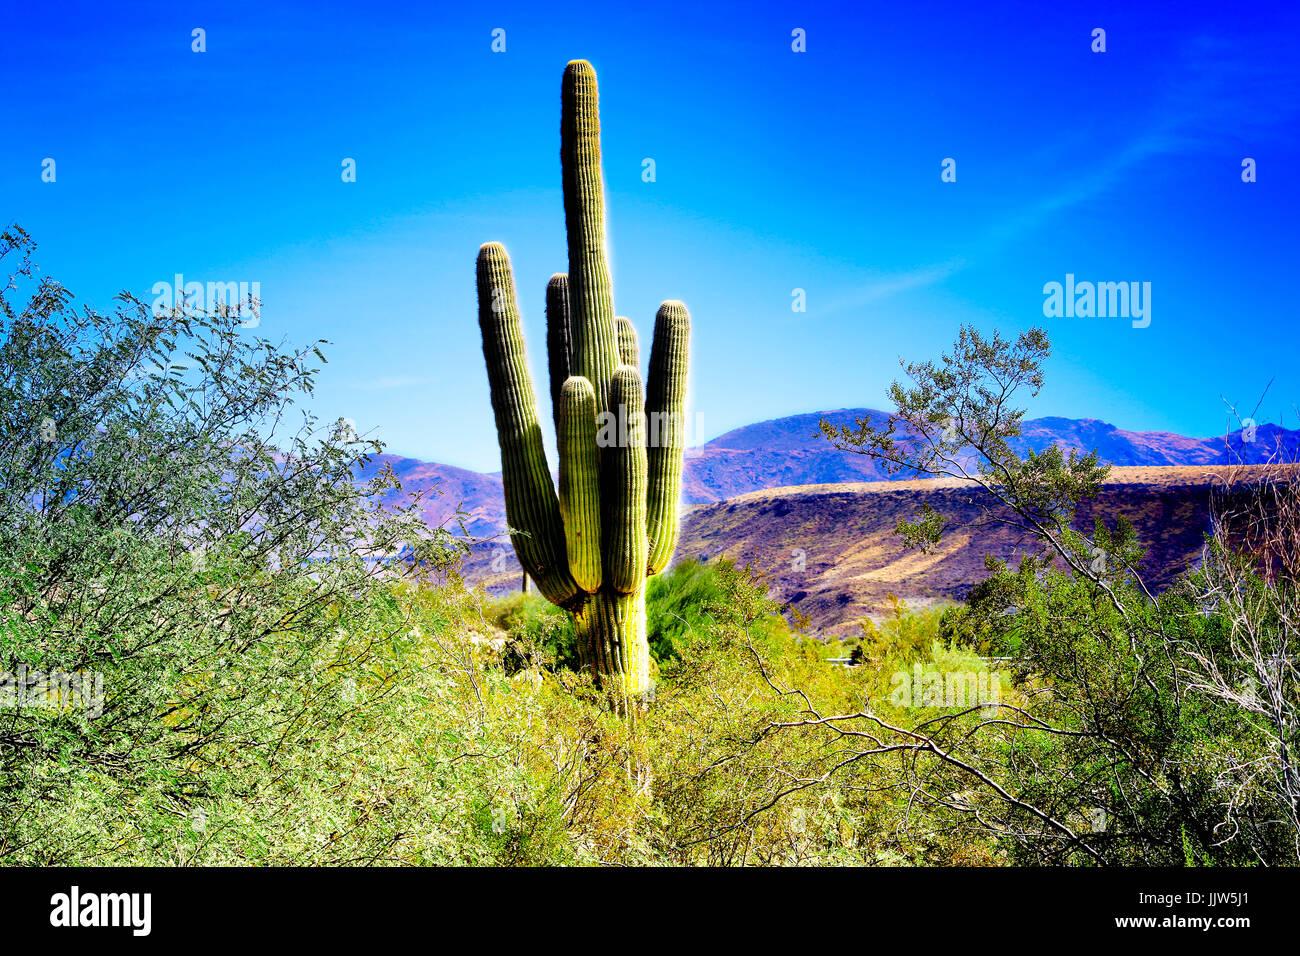 Mighty Cactus of Phoenix - Stock Image